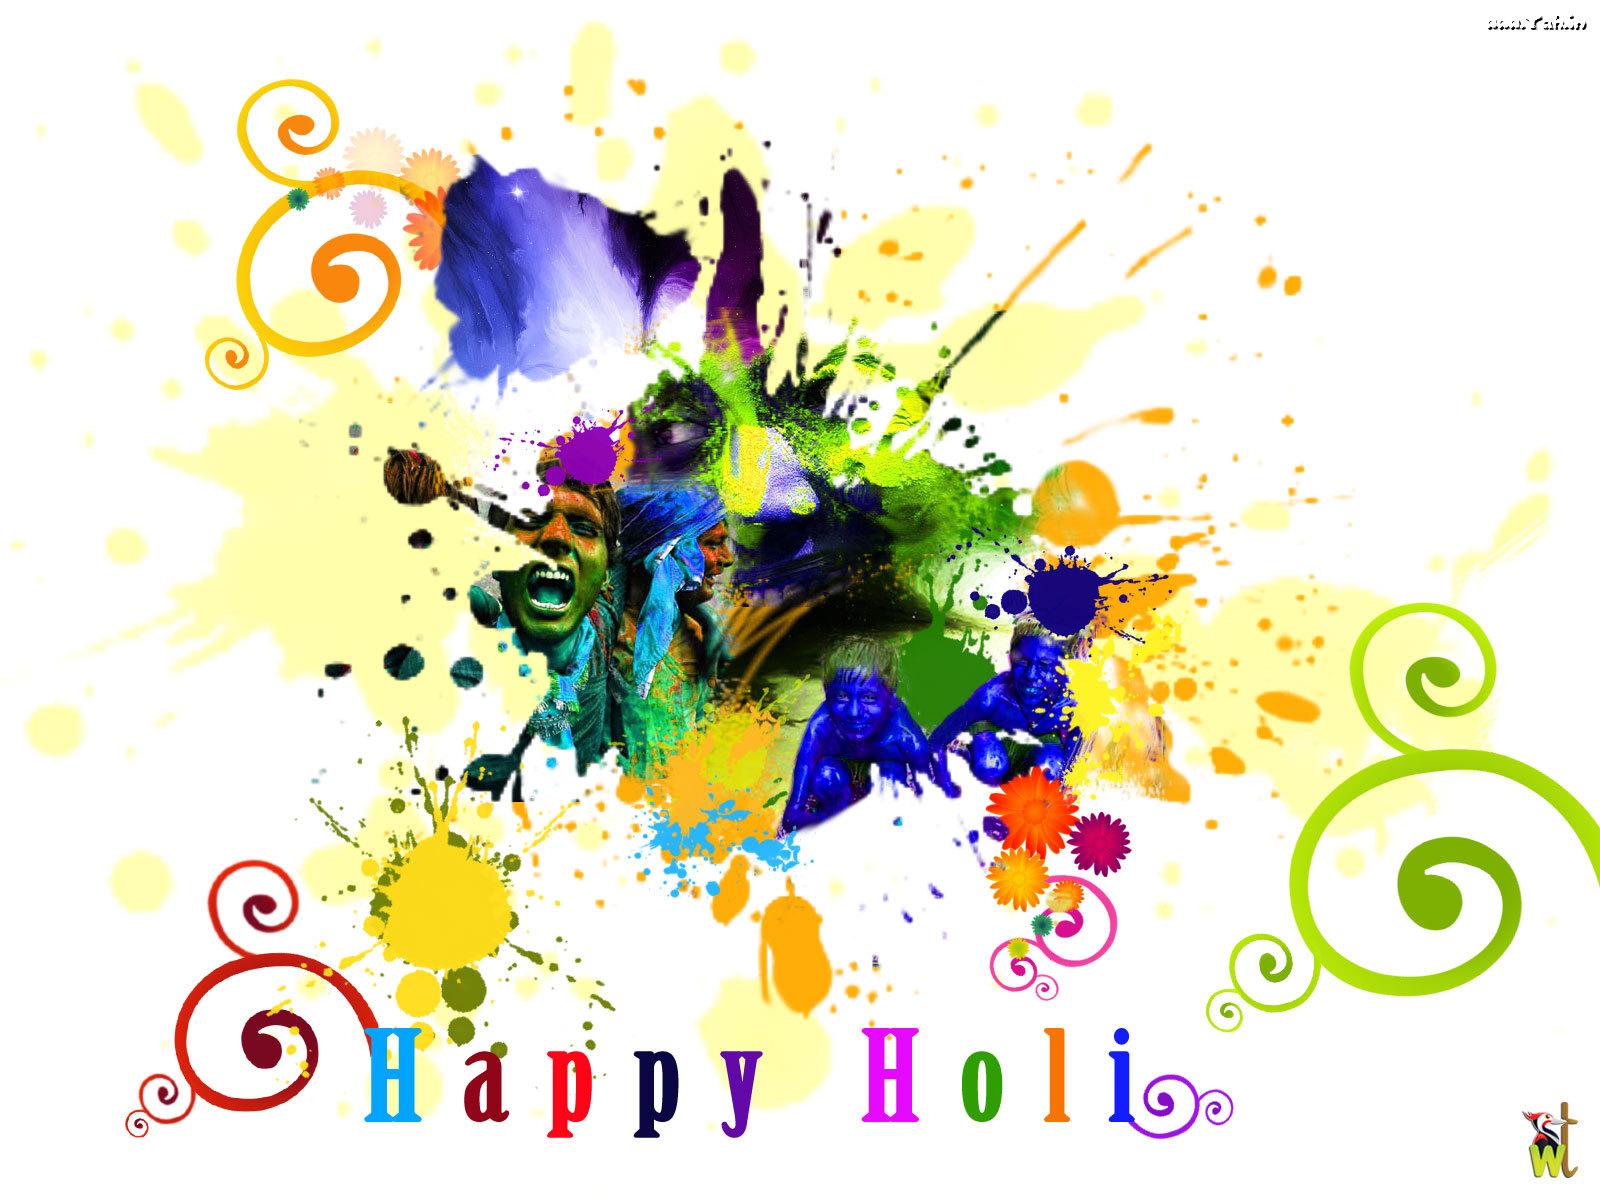 http://1.bp.blogspot.com/-oIoxk7cpqSA/UUtyvi4eCGI/AAAAAAAABhk/hDW9HCZAyFY/s1600/happy-holi-wallpapers-01.jpg